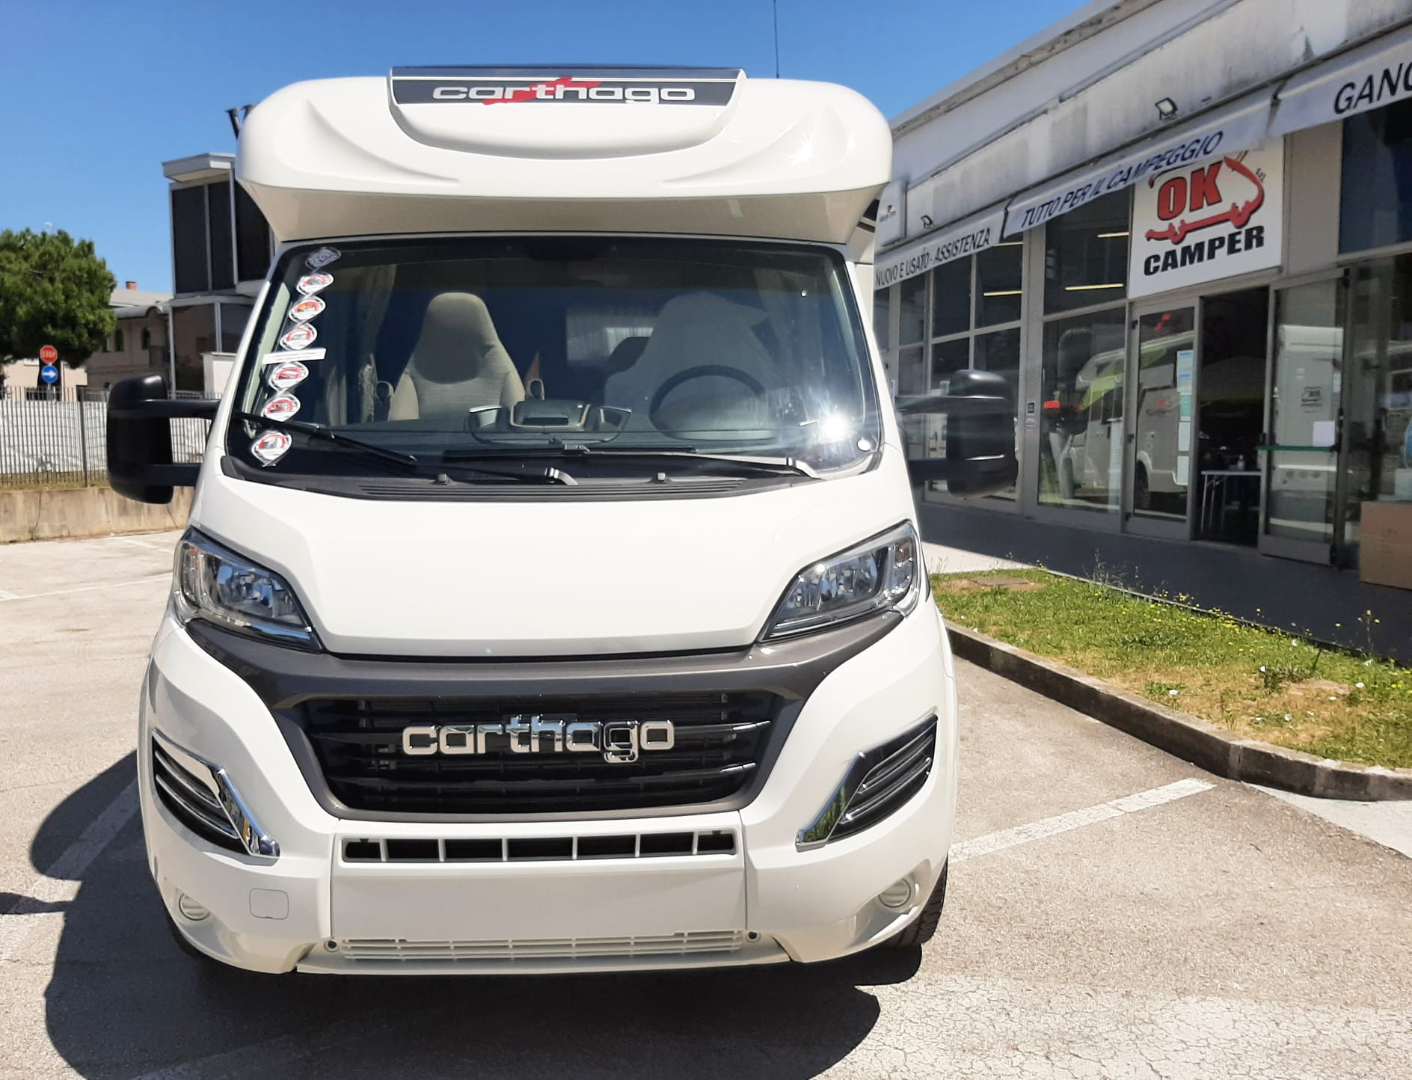 Nuovo | Carthago TOURER T 145 DB H nuovo  in vendita a Macerata - Immagine 2